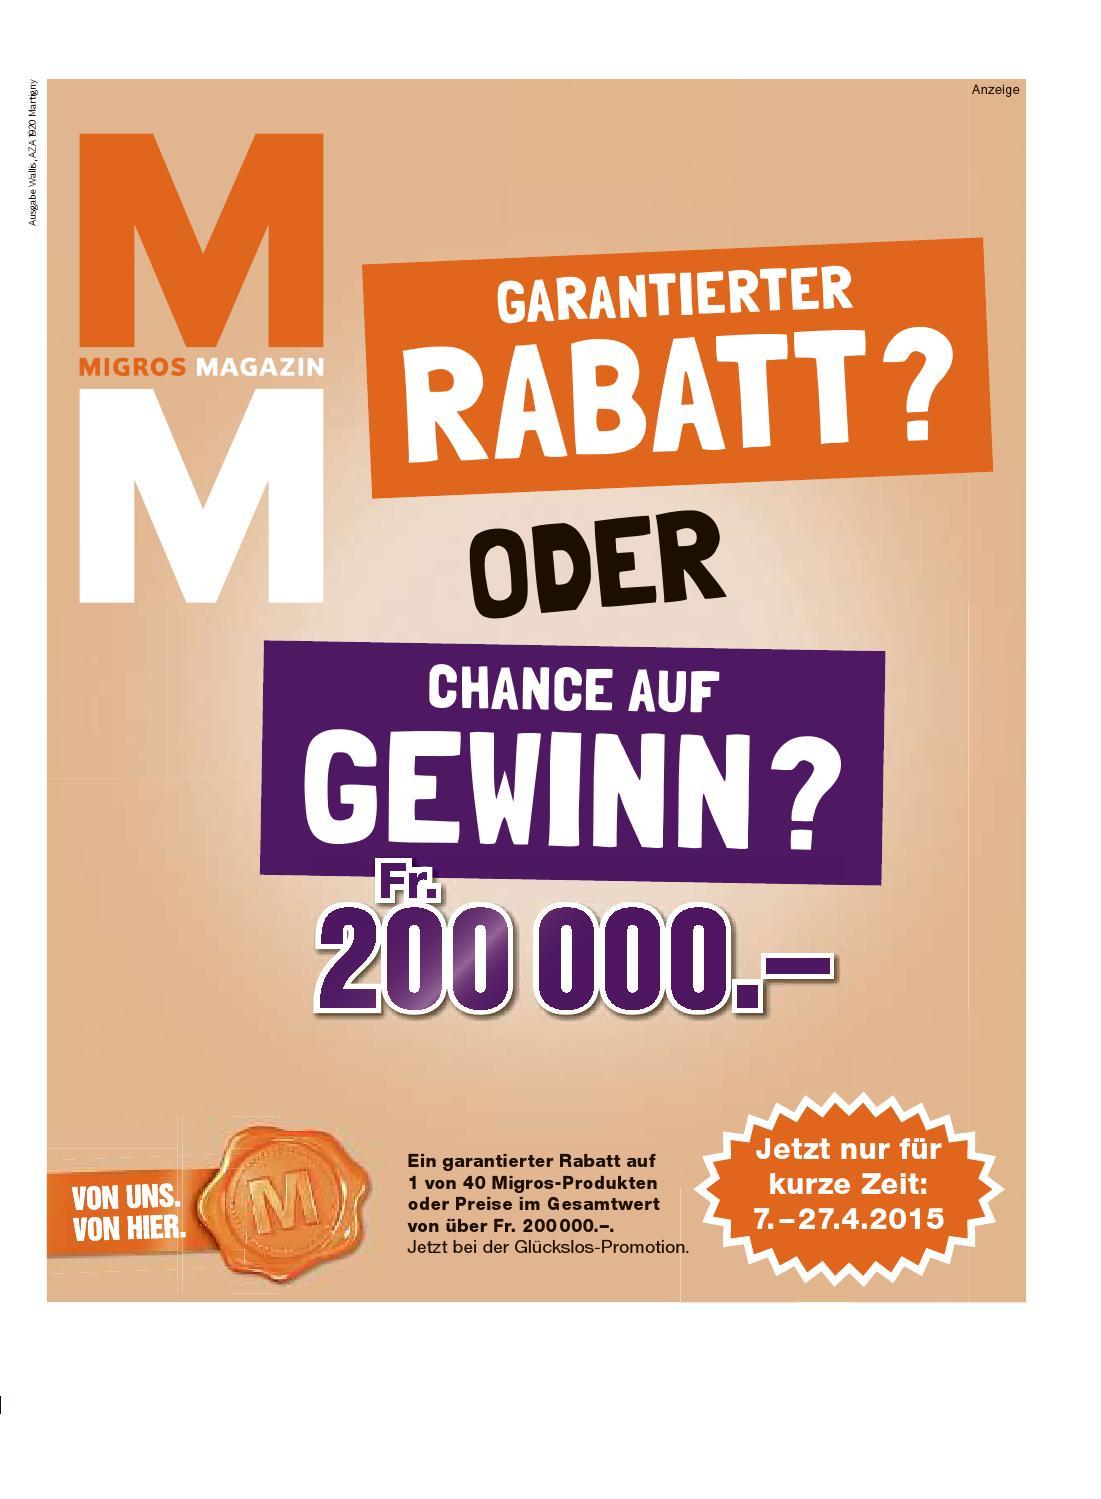 Migros magazin 15 2015 d vs by Migros-Genossenschafts-Bund - issuu